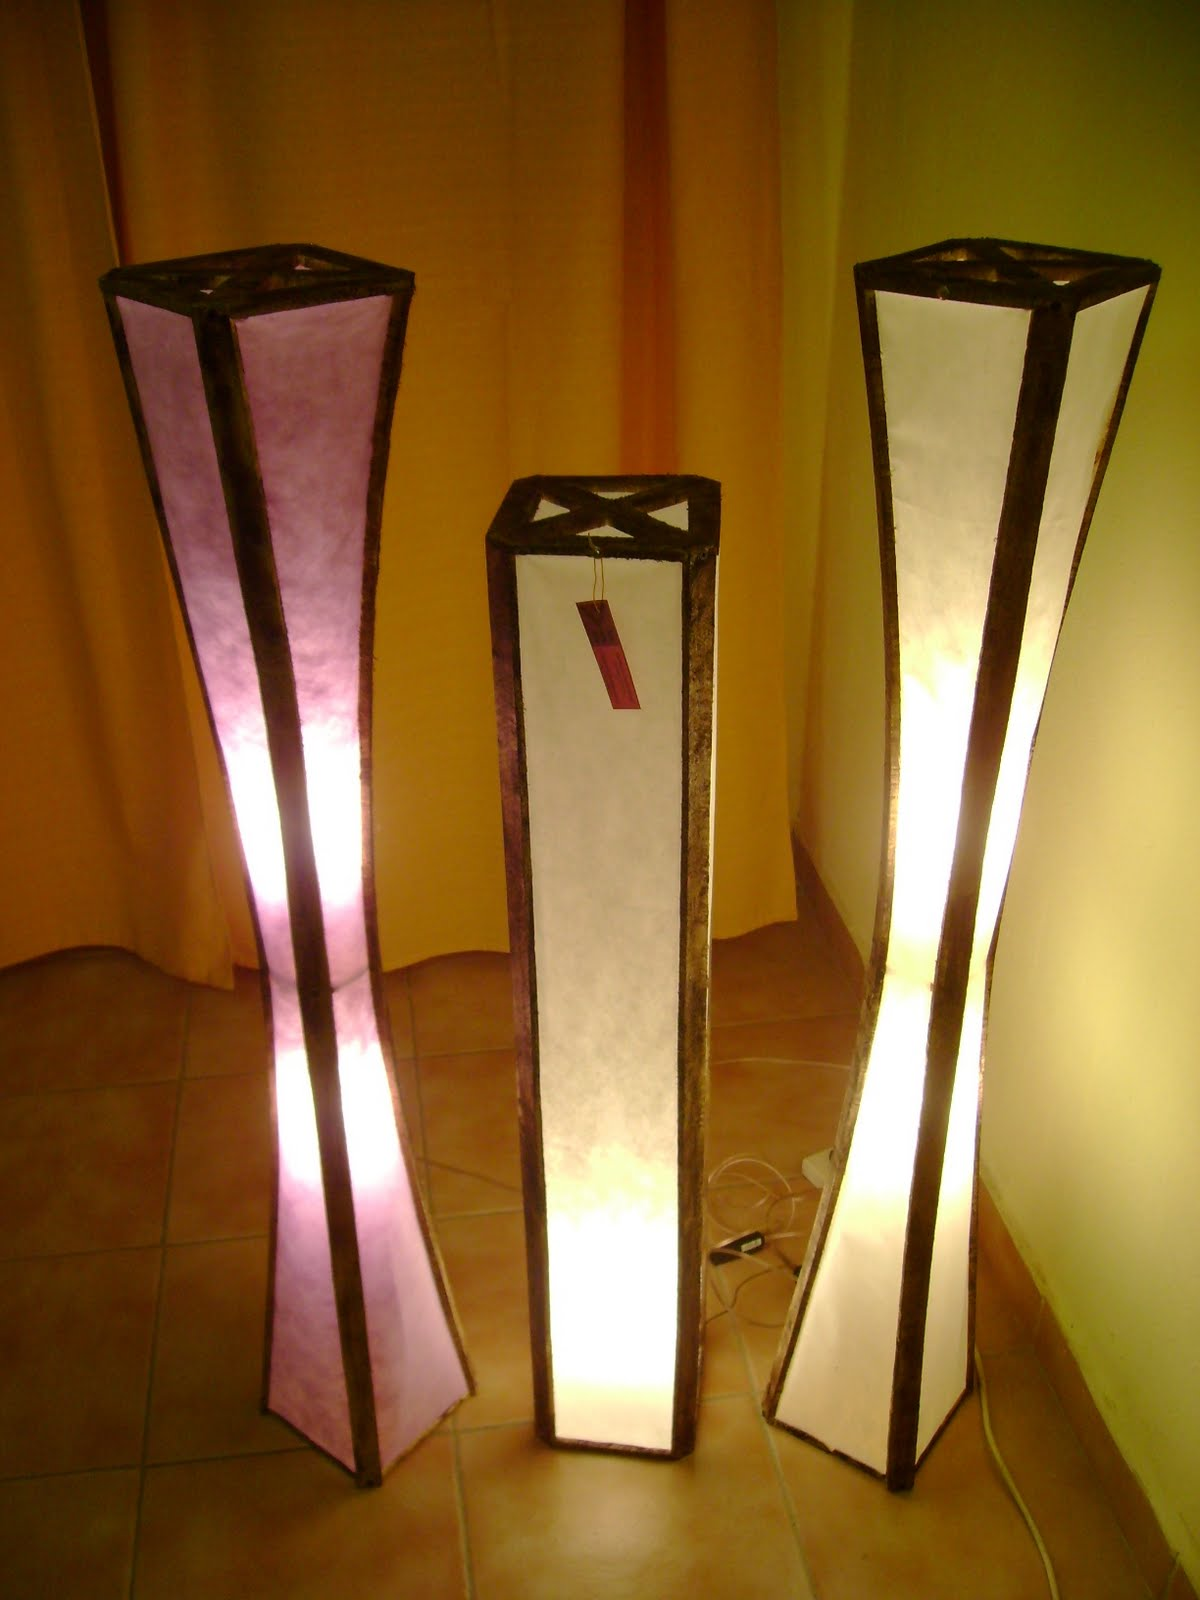 Fratello creaciones lamparas decorativas - Lamparas decorativas de techo ...